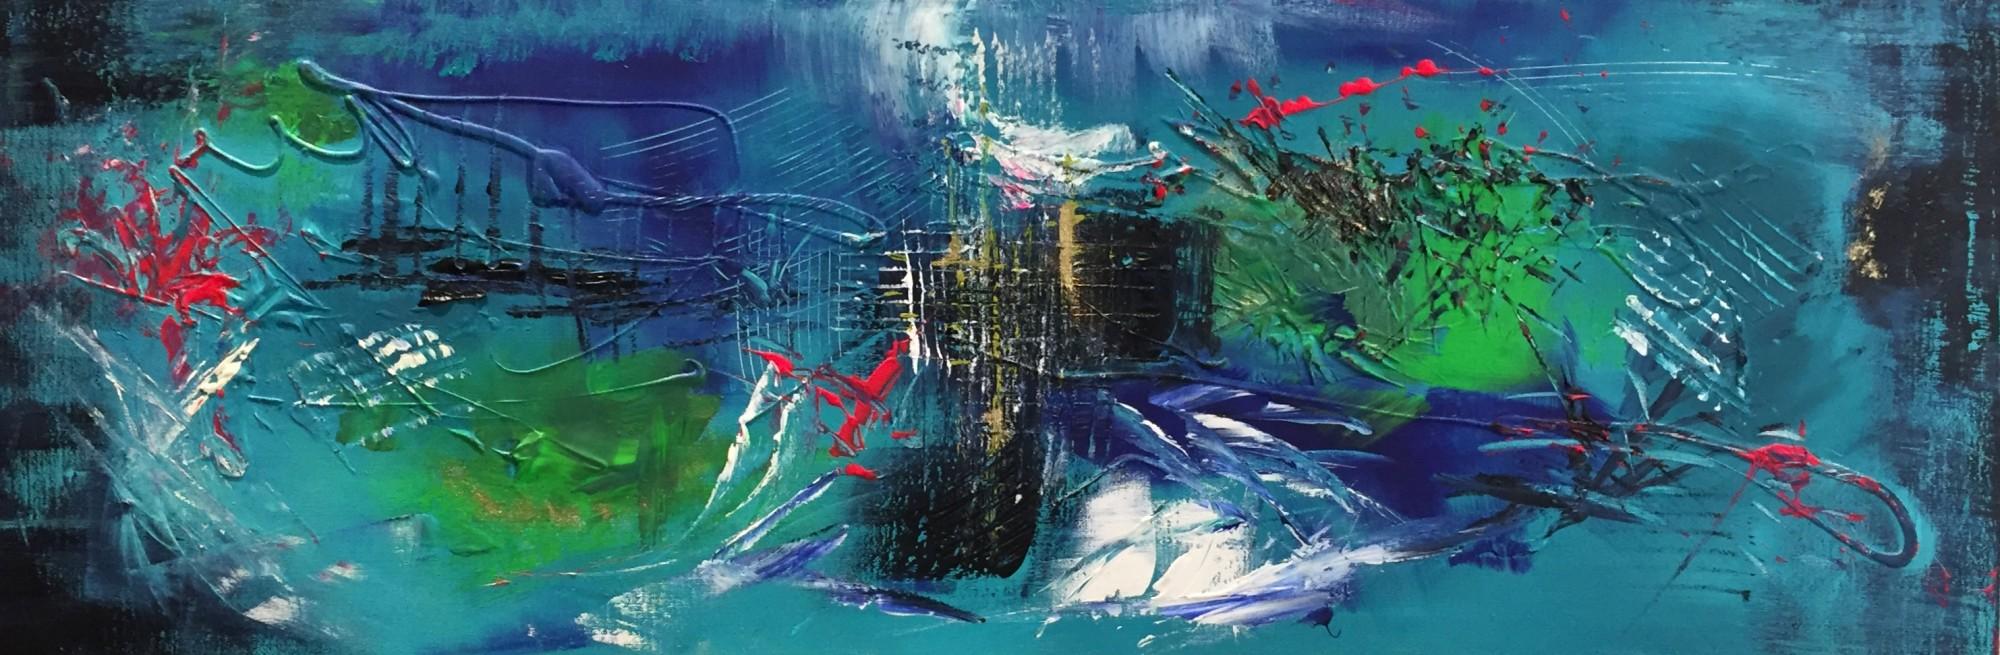 blue baye (120x30 acrylique et encre)